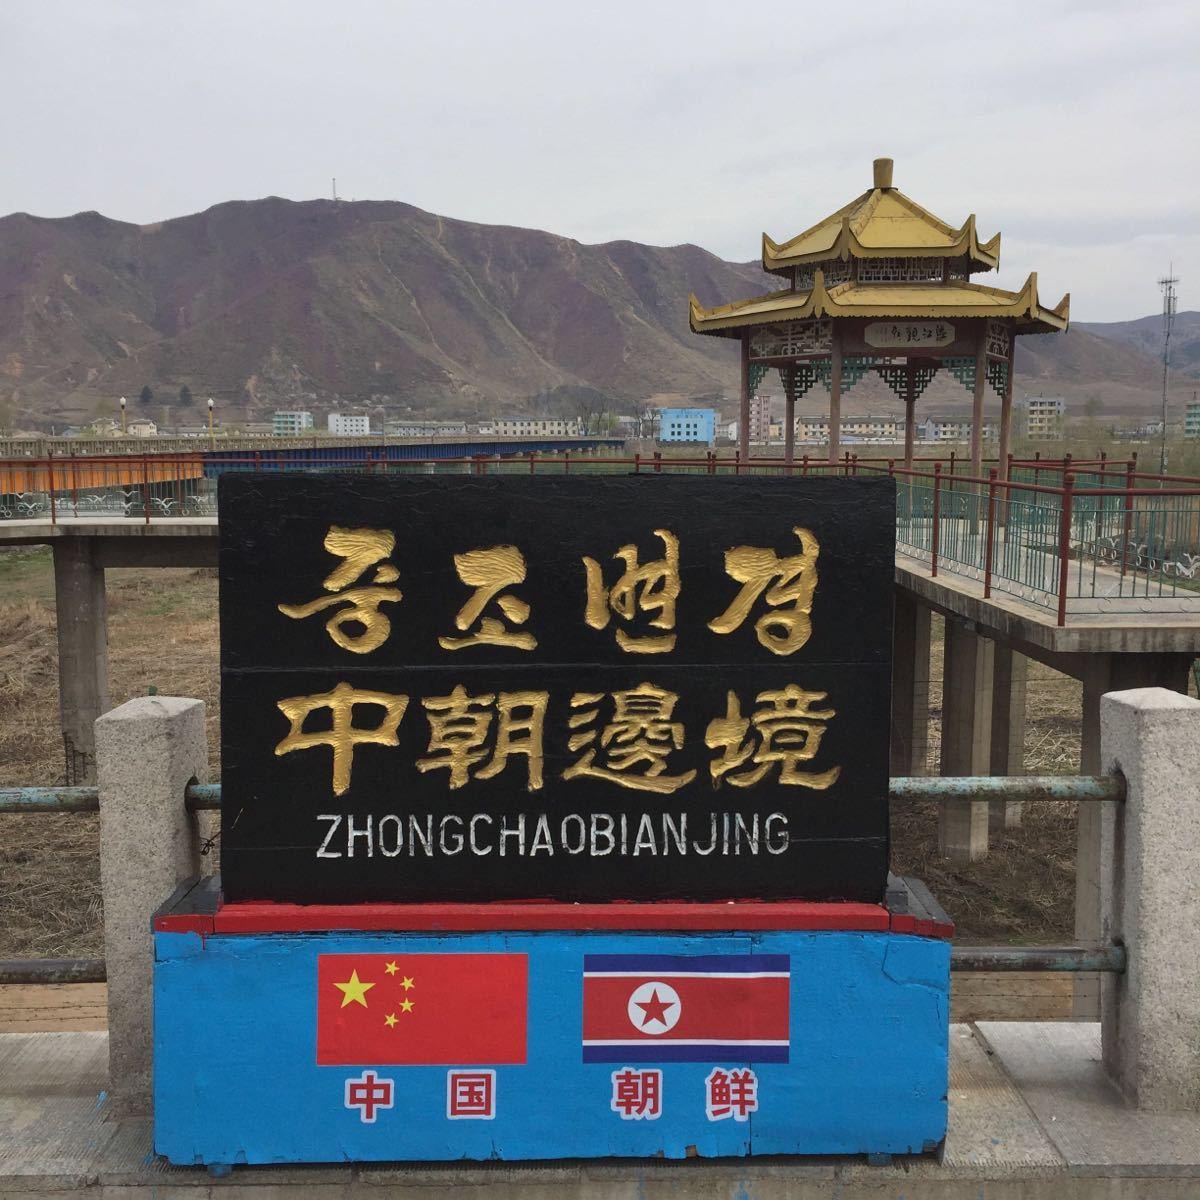 深圳攻略旅游景点攻口岸图们到略图九寨沟图片